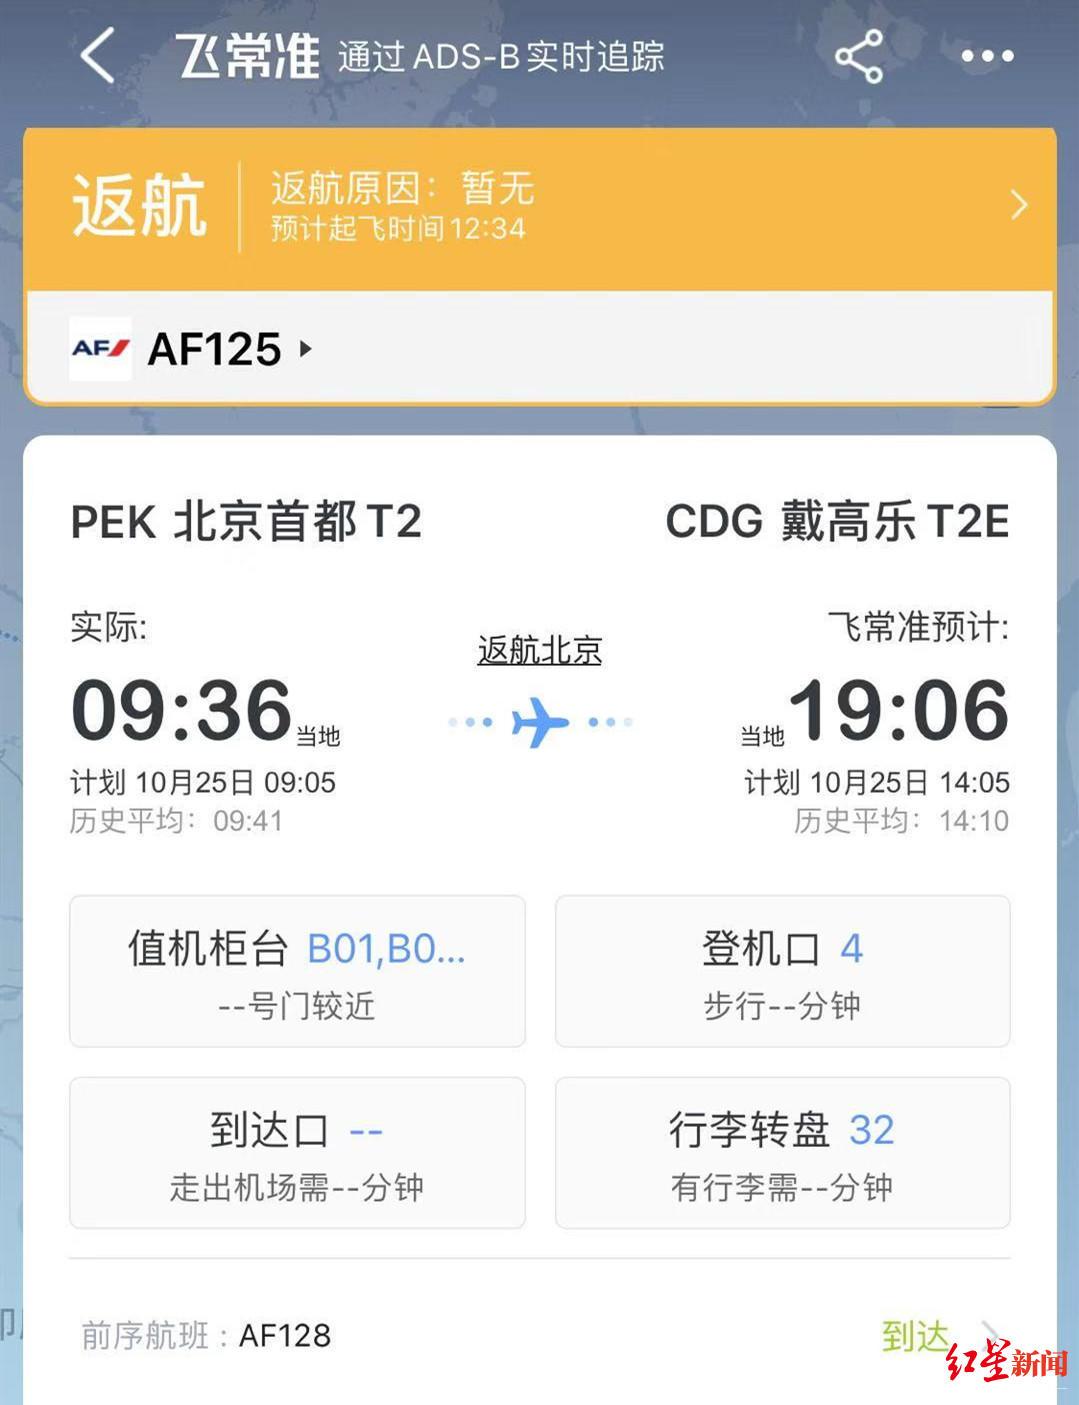 法航北京飞巴黎航班紧急返航后已取消旅客称飞机有火警报警